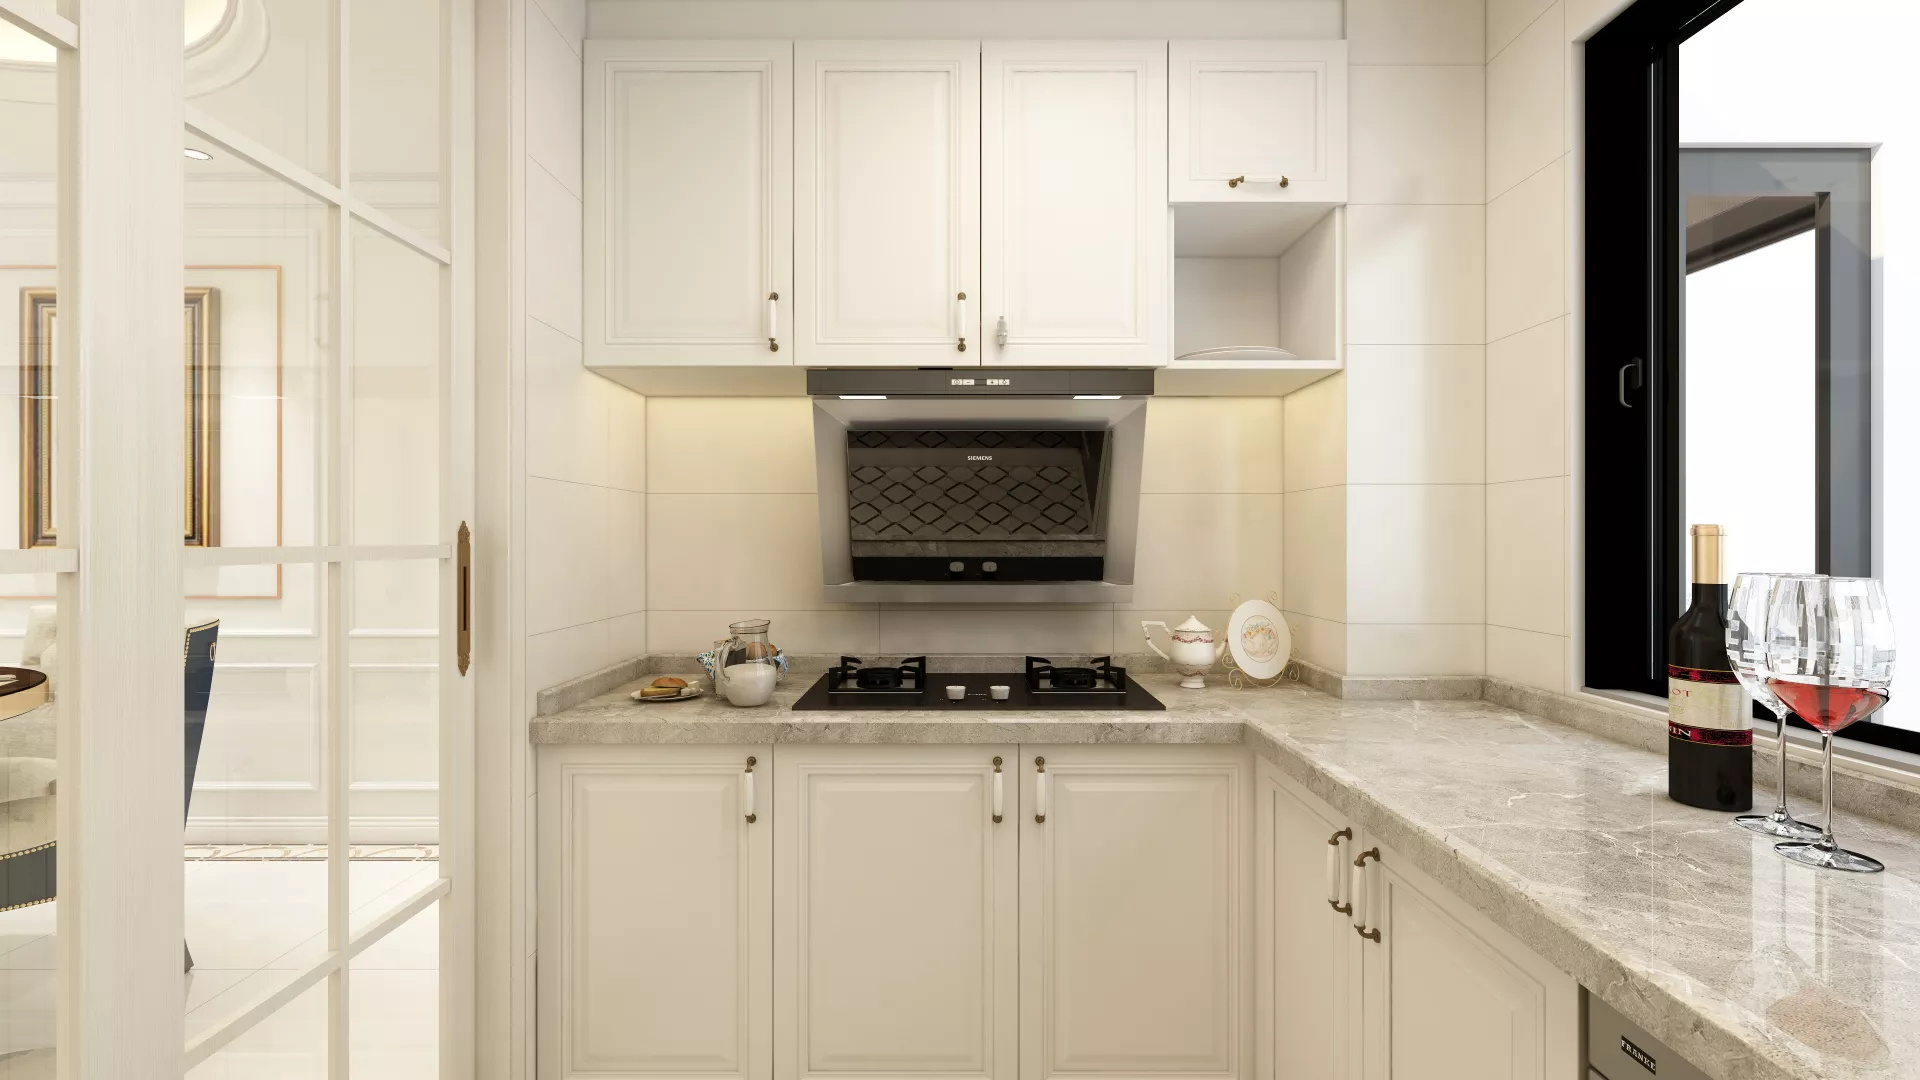 开放式厨房布局应该怎么做  开放式厨房如何设计